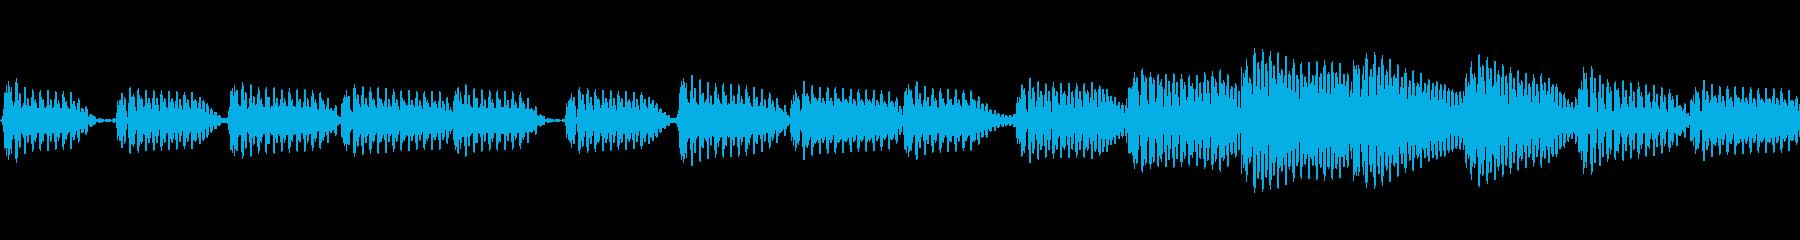 イライラ/緊張感/緊迫スリル/ループ仕様の再生済みの波形